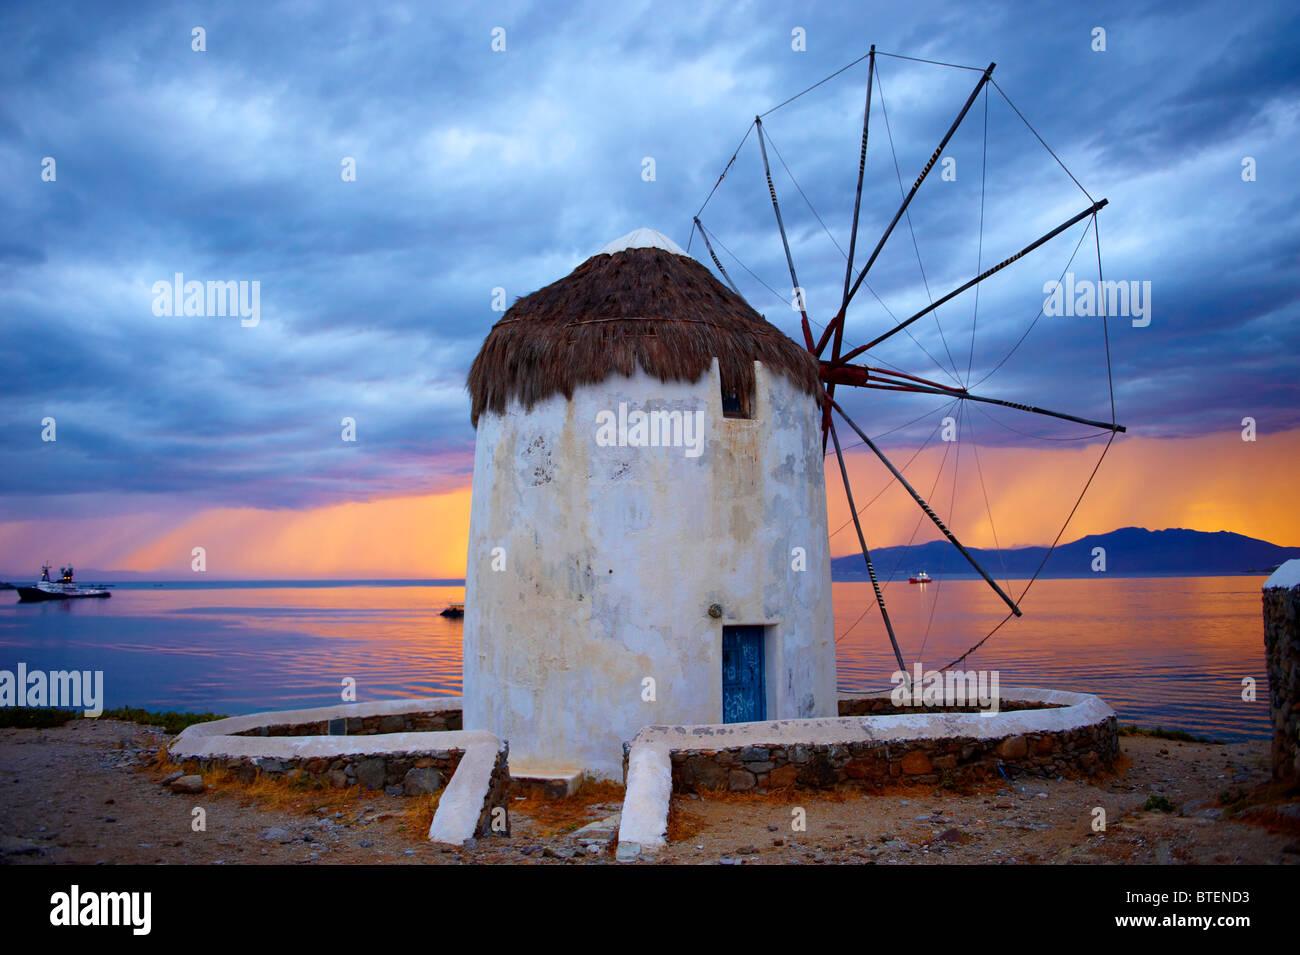 Il tramonto del tradizionale greco per mulini a vento di Mykonos Chora. Isole Cicladi, Grecia Immagini Stock